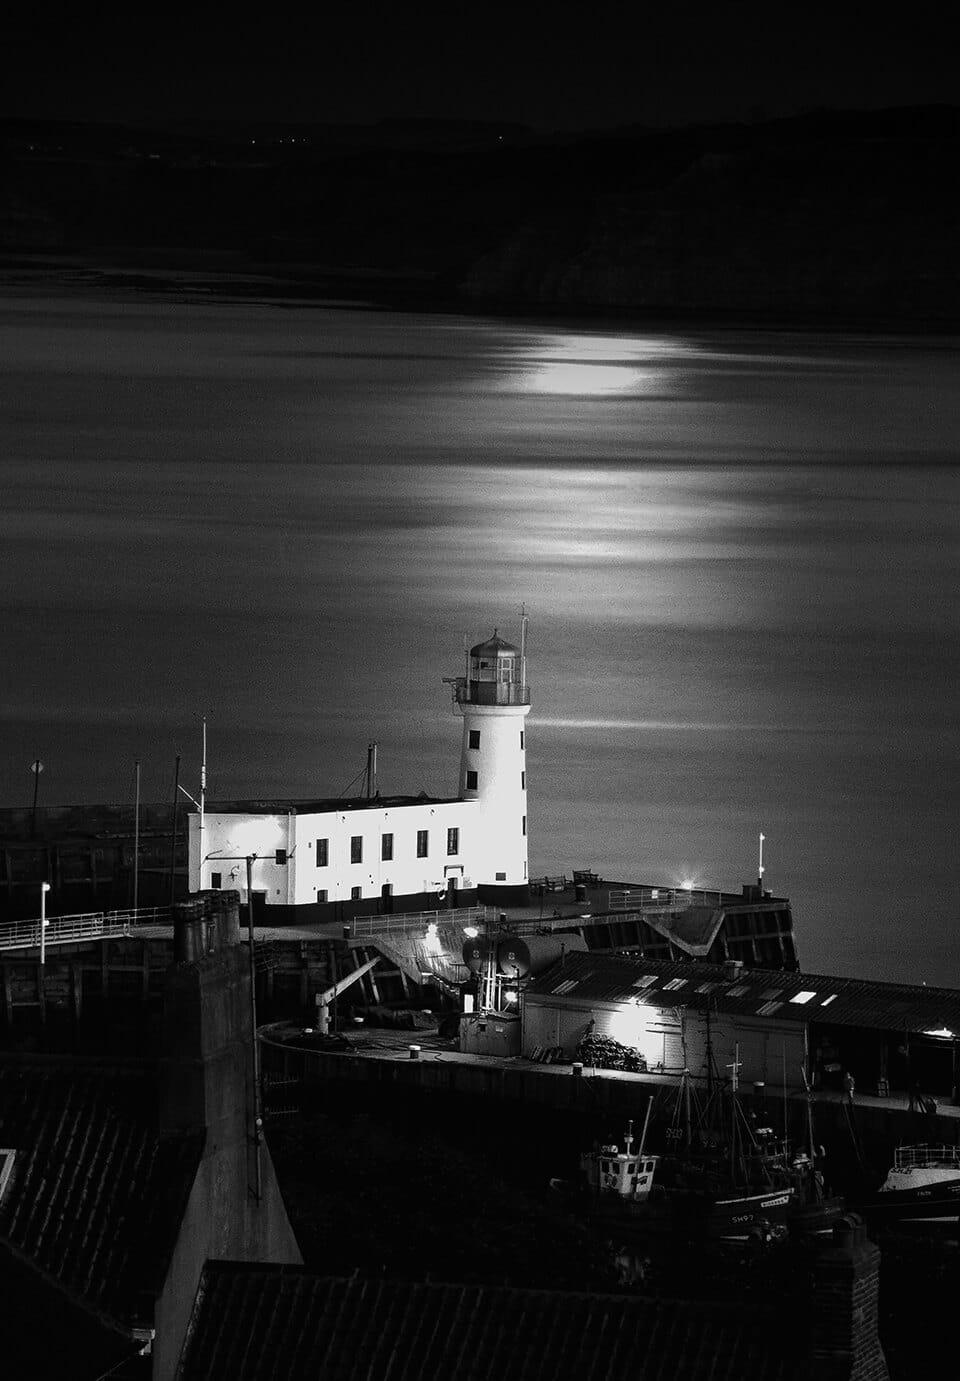 Black and white lanscape photographs - John Gill